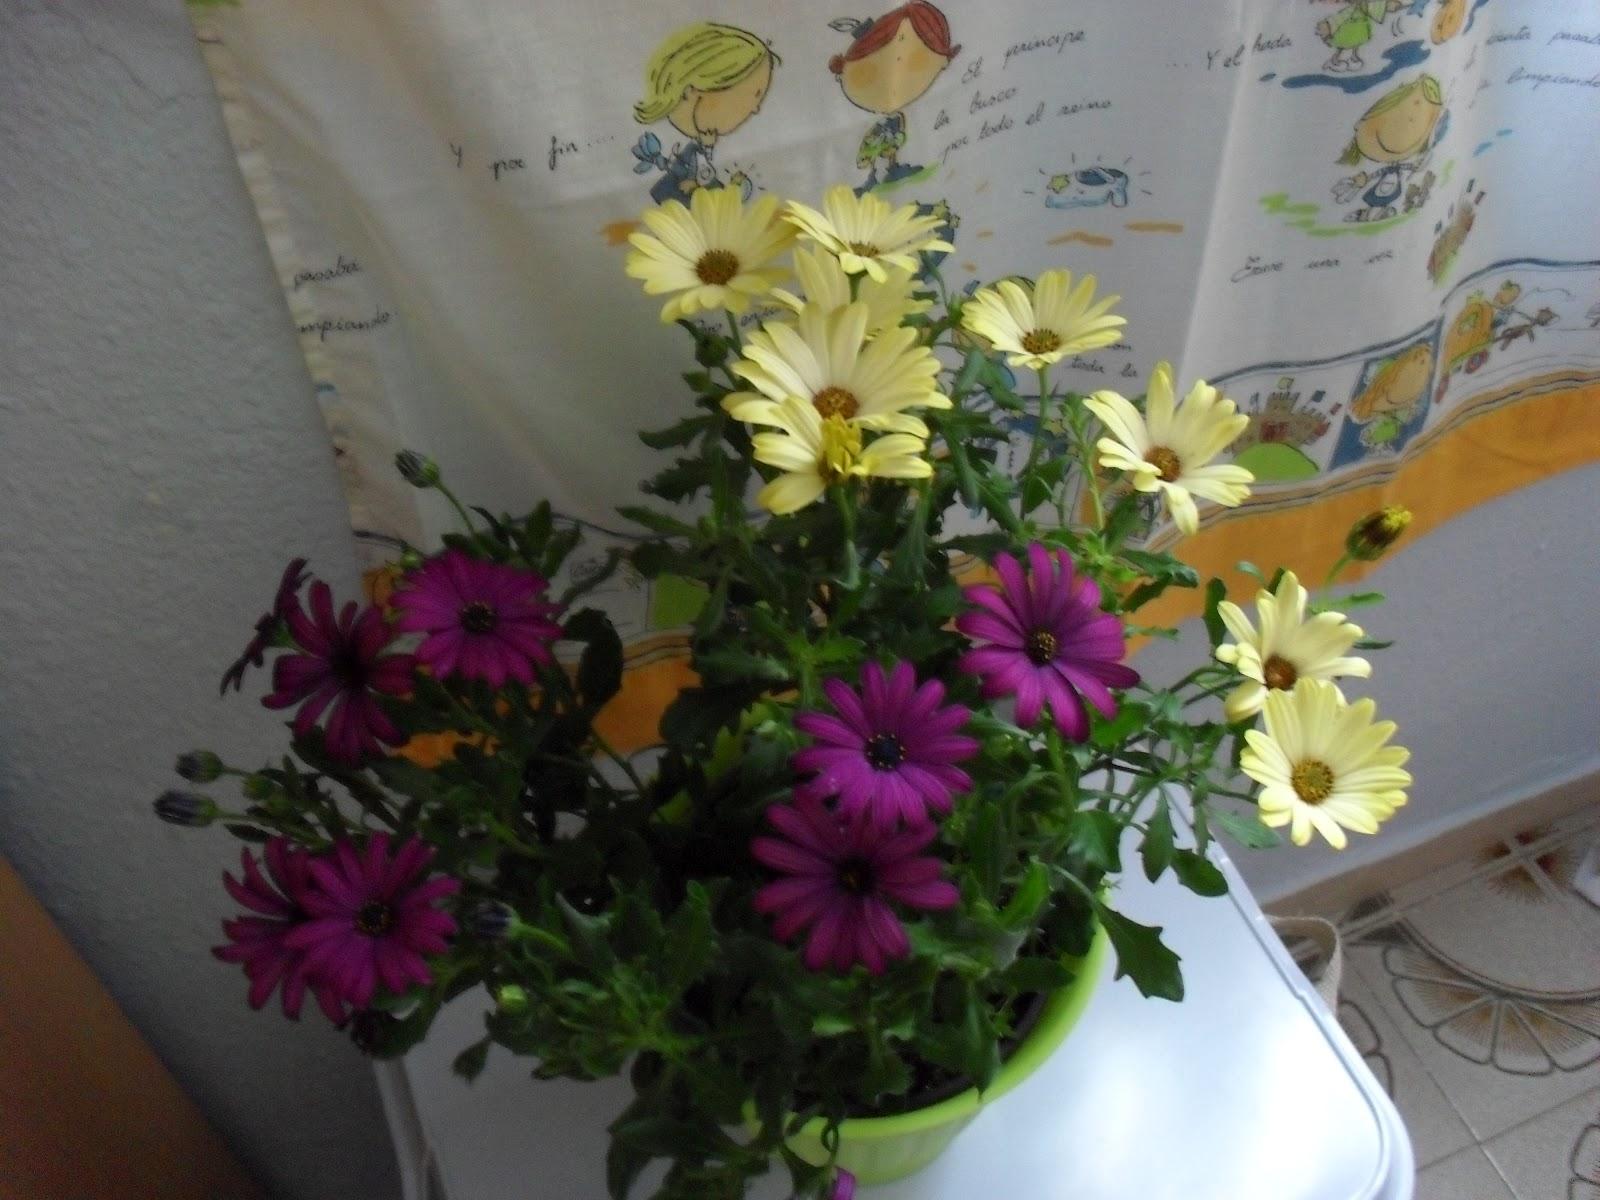 Tercera eposha plantas de exterior margaritas amarillas for Plantas para interior y exterior